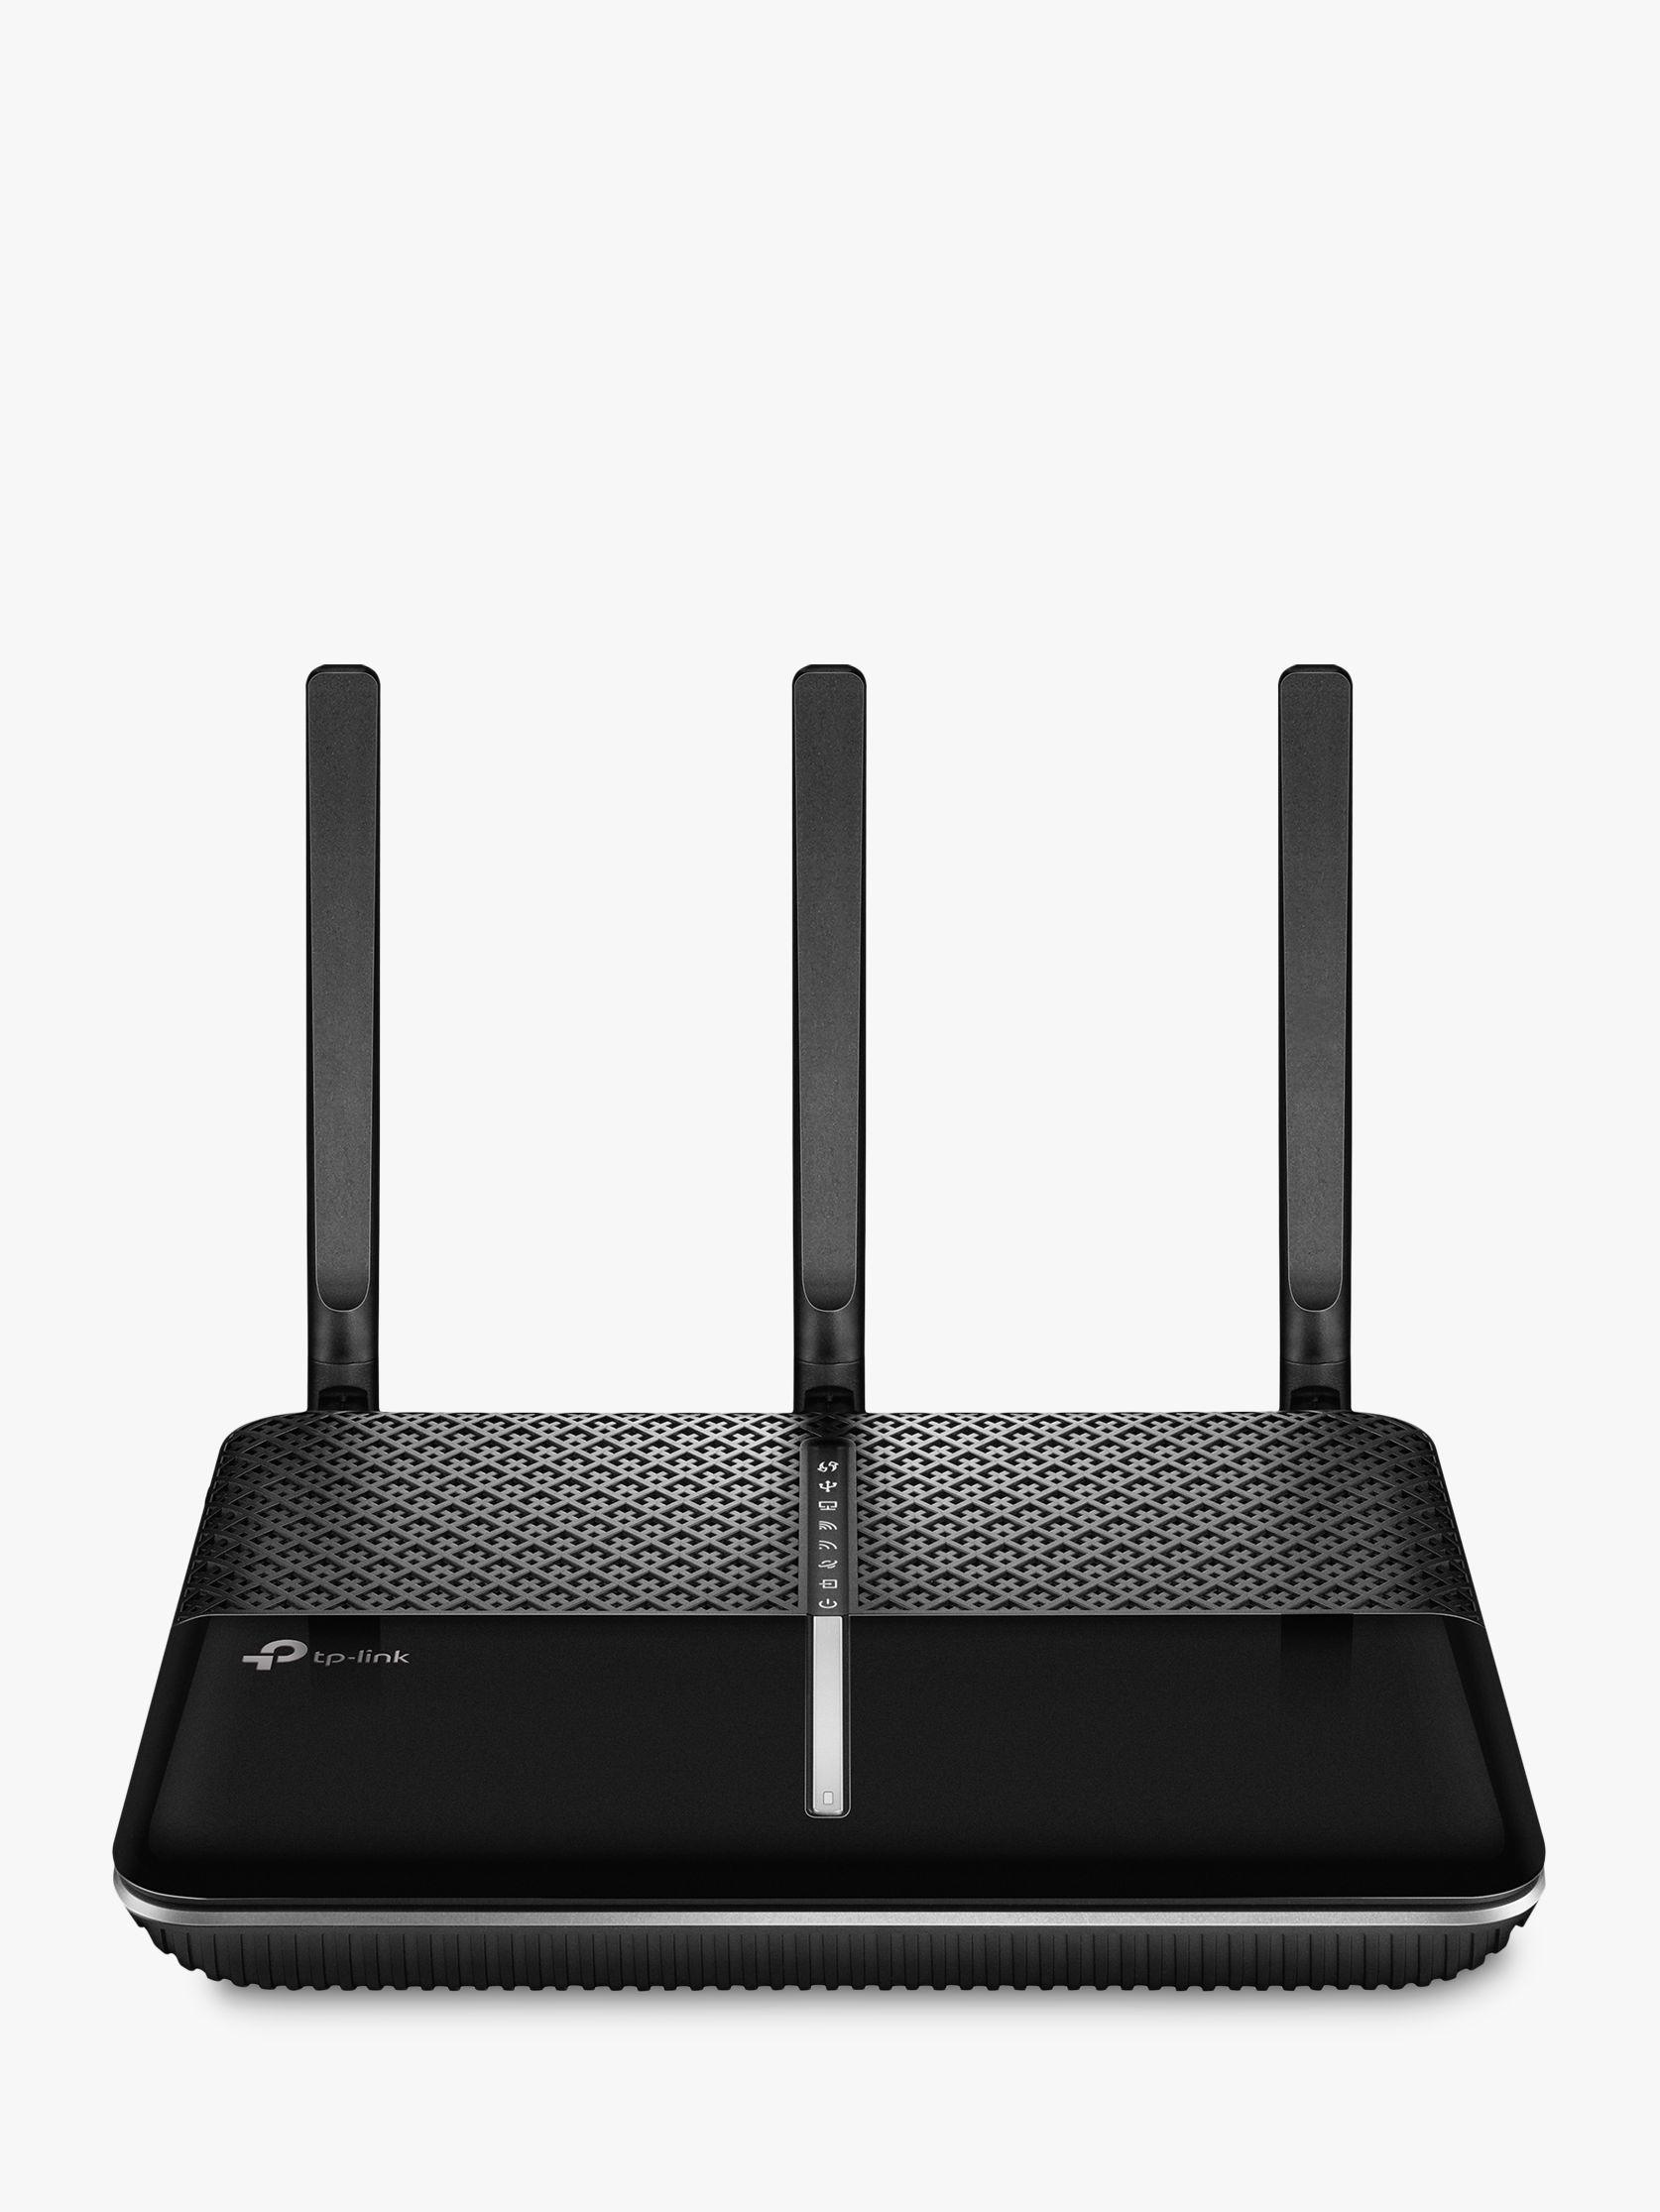 TP-Link TP-LINK AC1600 Wireless Gigabit VDSL/ADSL Modem Router, Archer VR600, V2